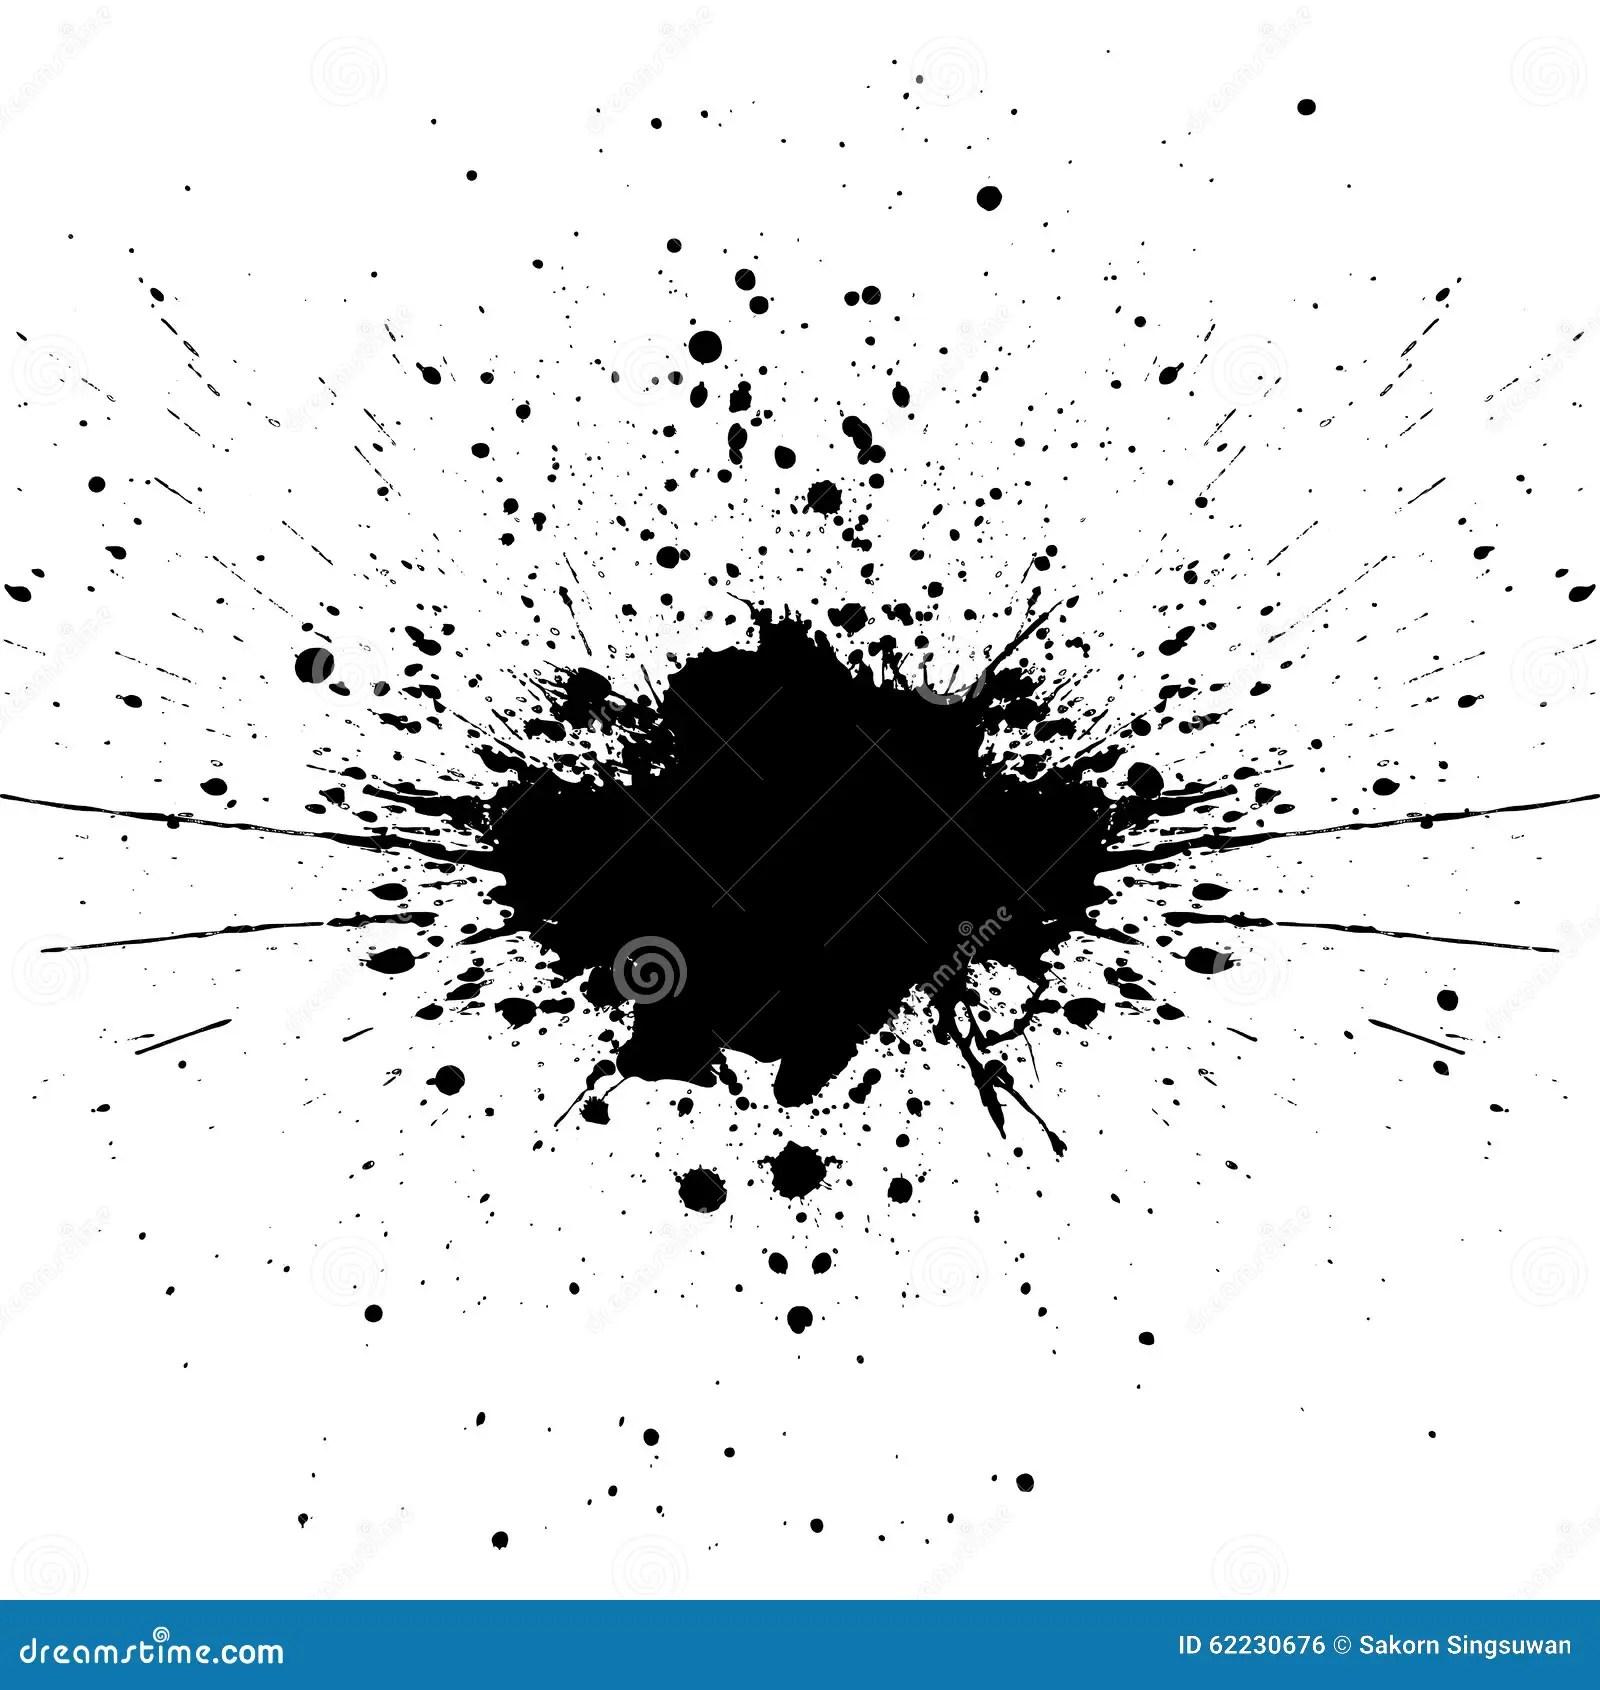 Vector Splatter Black Color Background Illustration